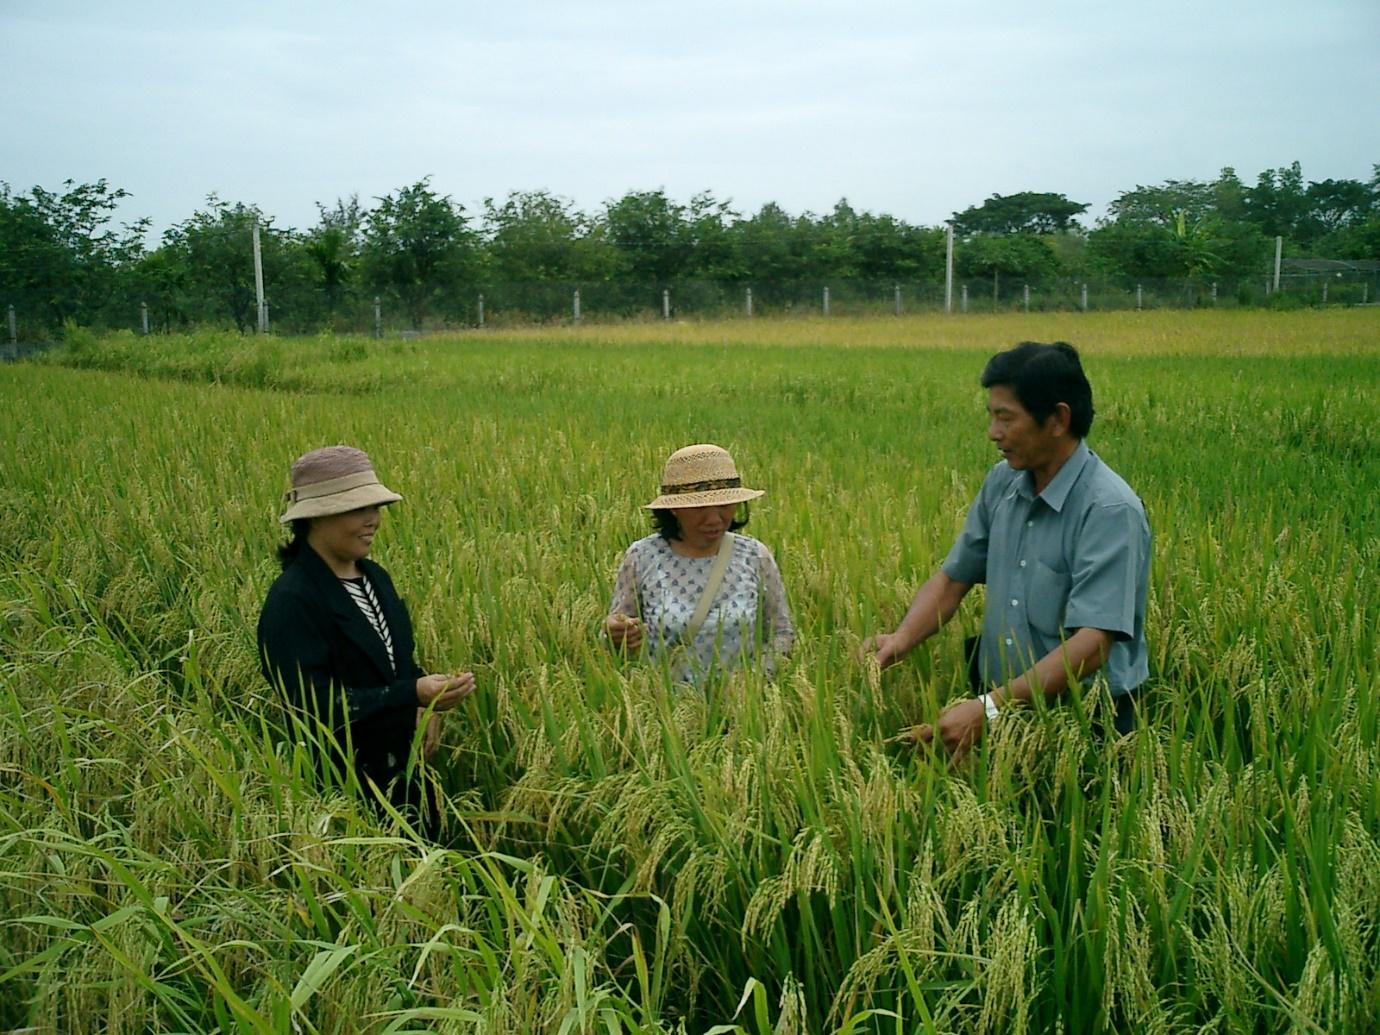 Hồ Quang Cua, Nguyễn Thu Hương và Đặng Thị Cúc đang chọn giống lúa ST trên trại giống lúa HQCua ngày 23/1/2003. Ảnh: Võ Tòng Xuân.